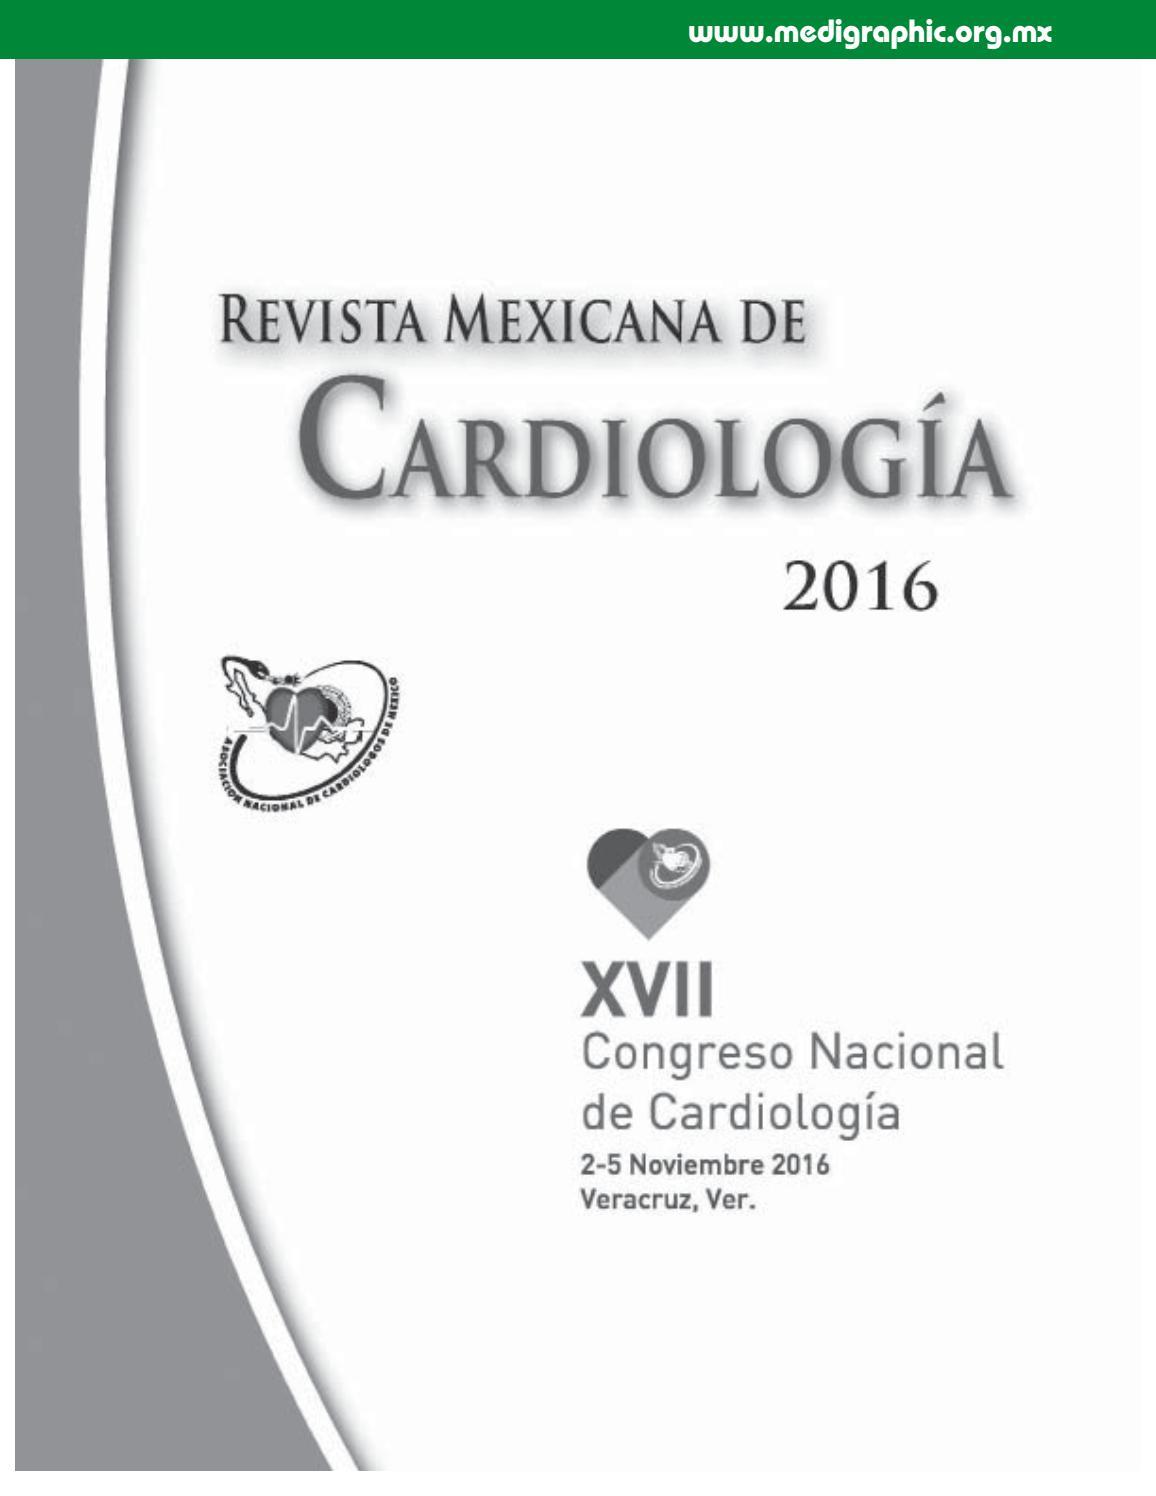 Código supra terapéutico inr icd 10 para hipertensión